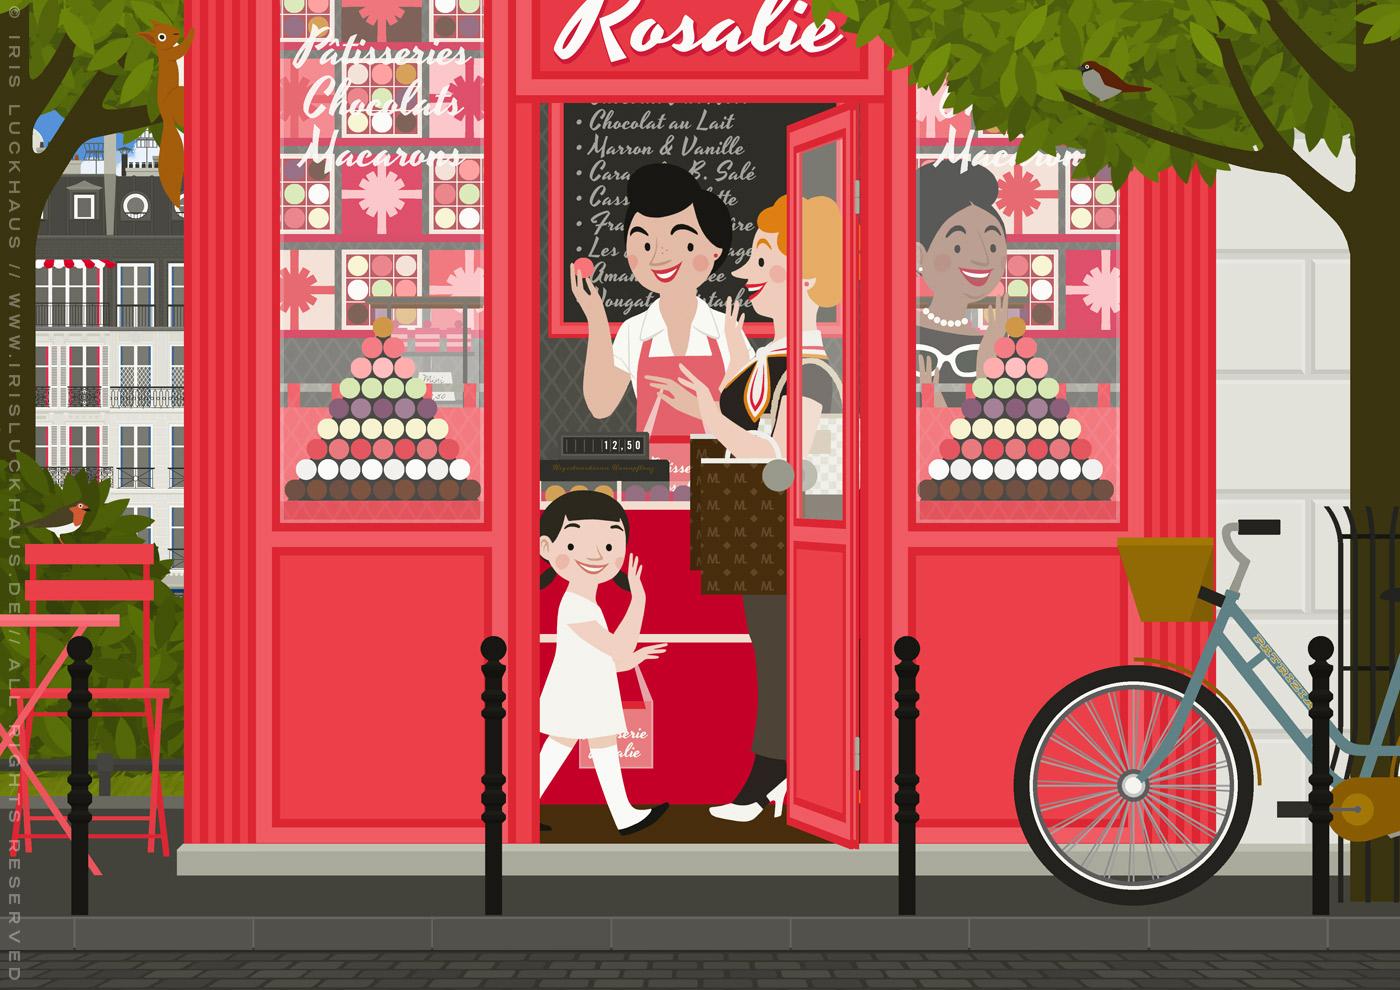 Zeichnung von zwei Freundinnen, die in einer rosa Patisserie in Paris ganz beglückt und aufgeregt Macarons probieren